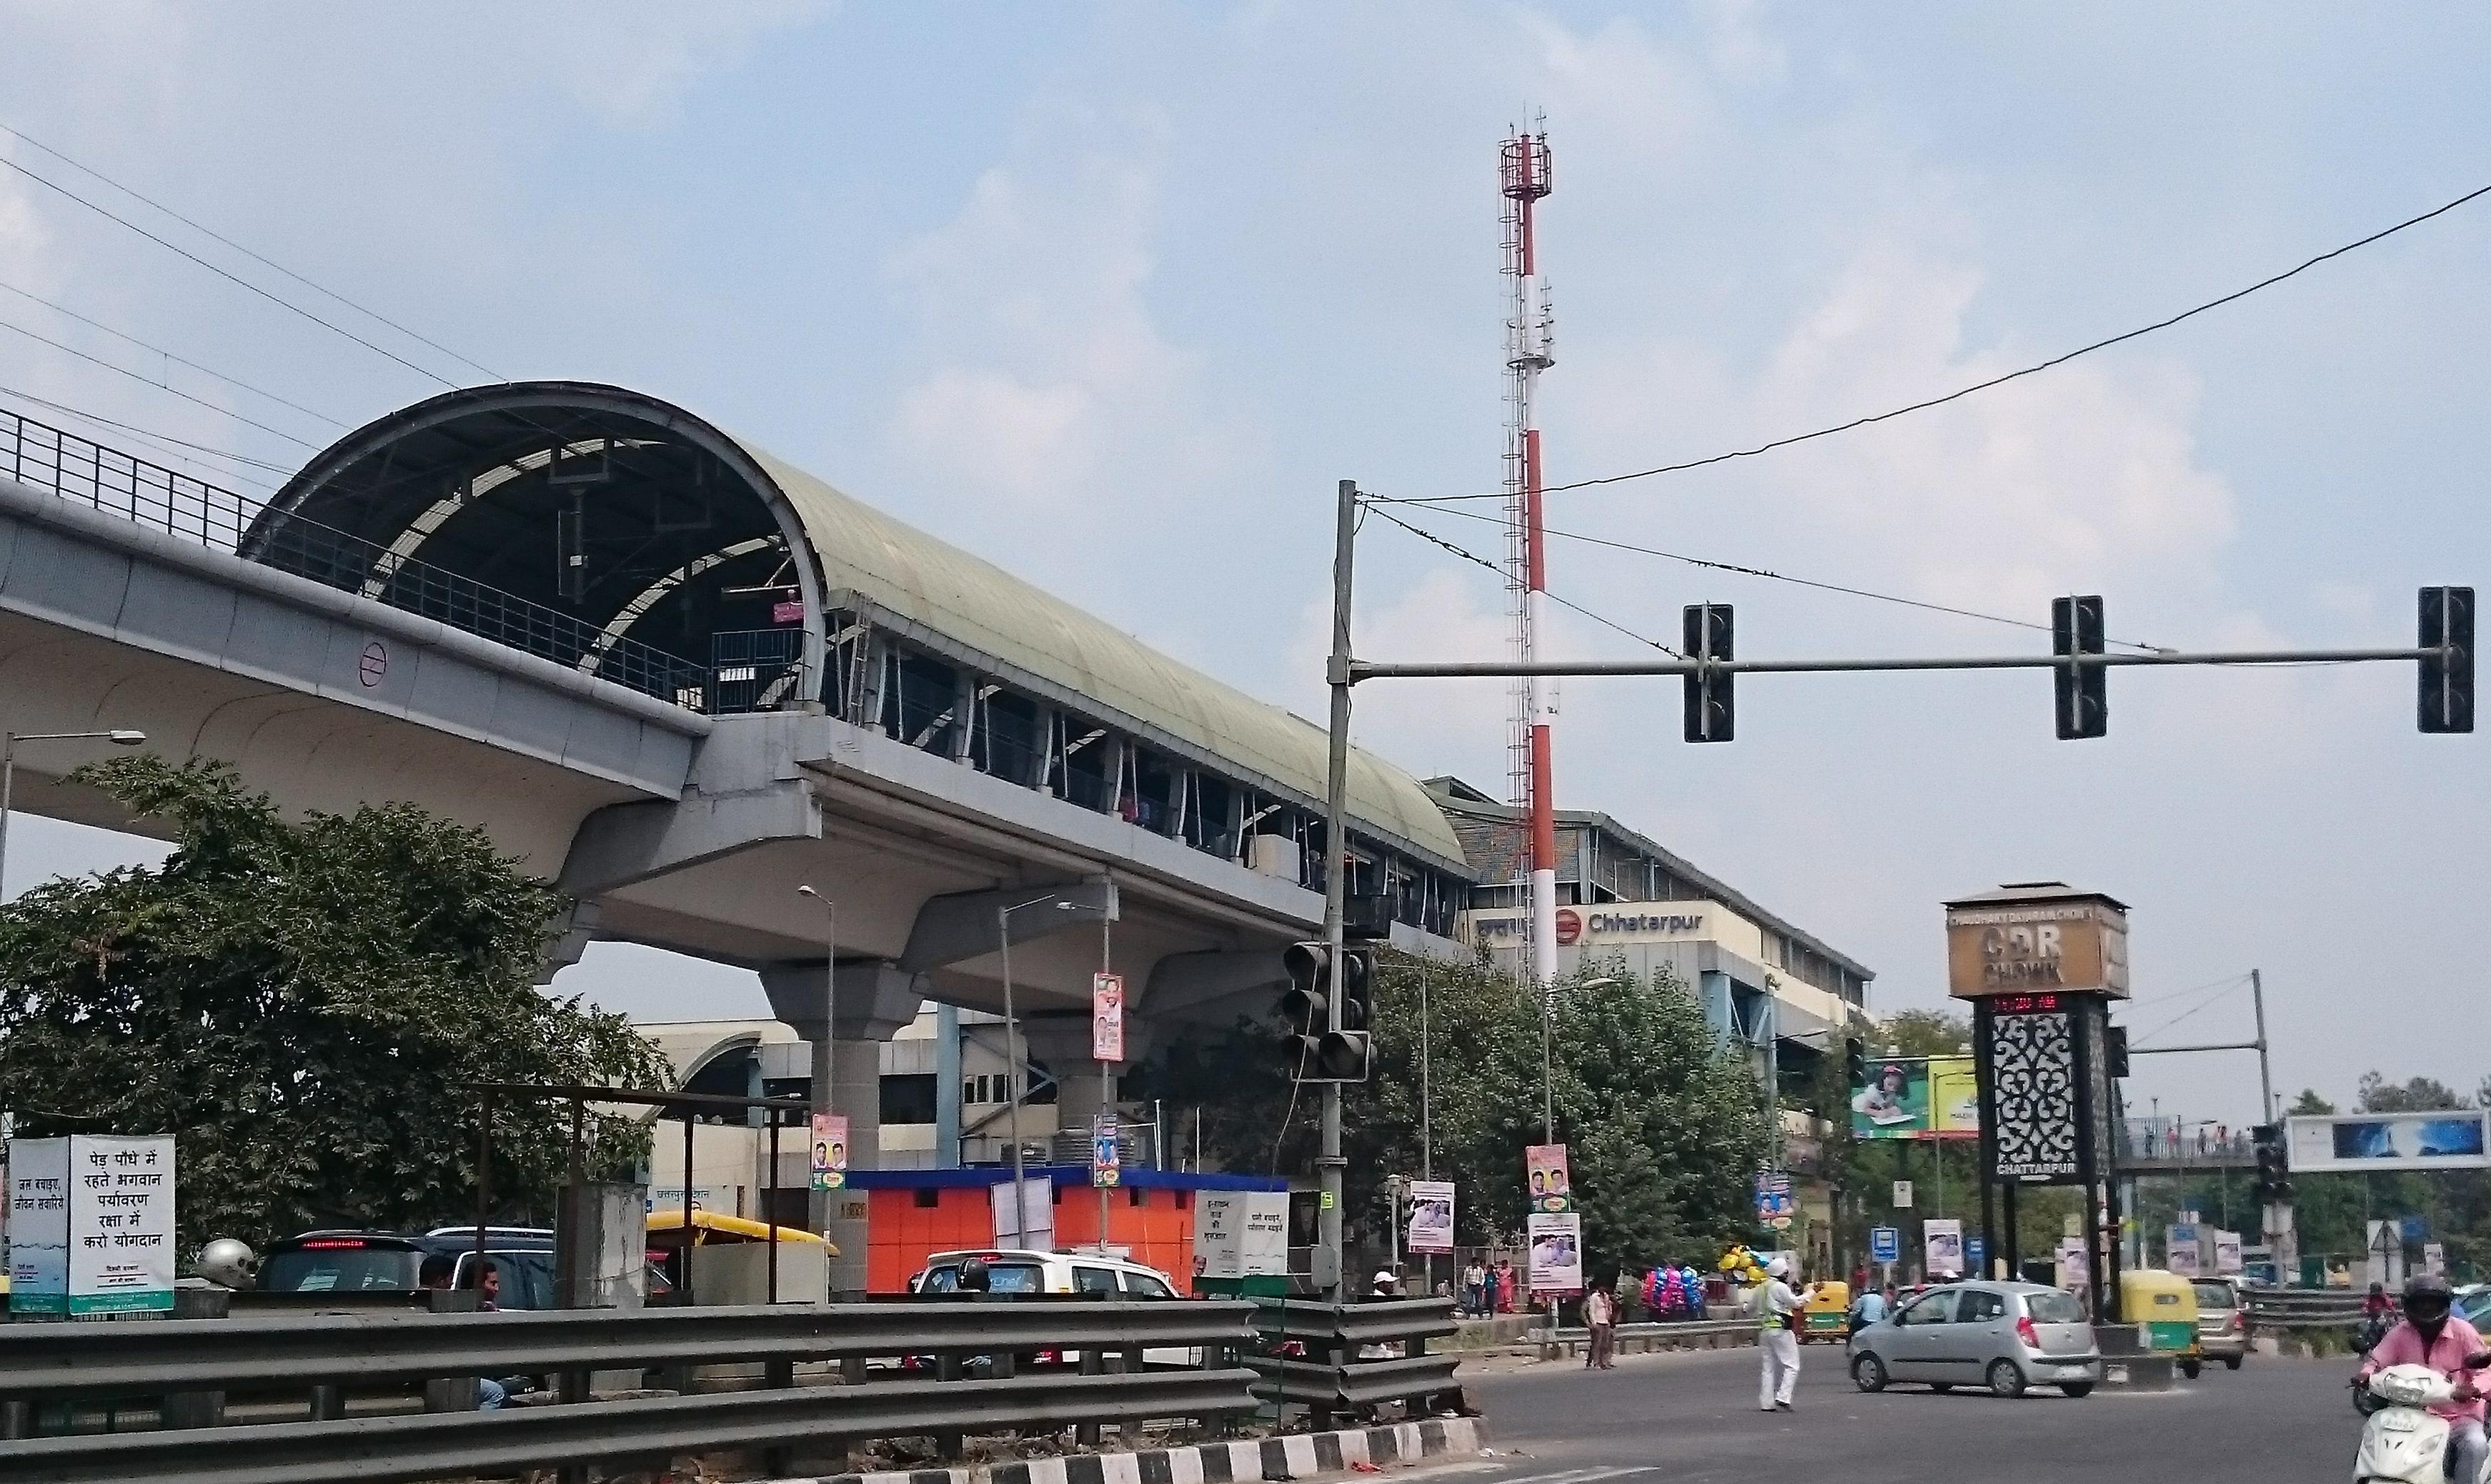 Organizational Chart Of Nike: Chhatarpur metro station - Wikipedia,Chart